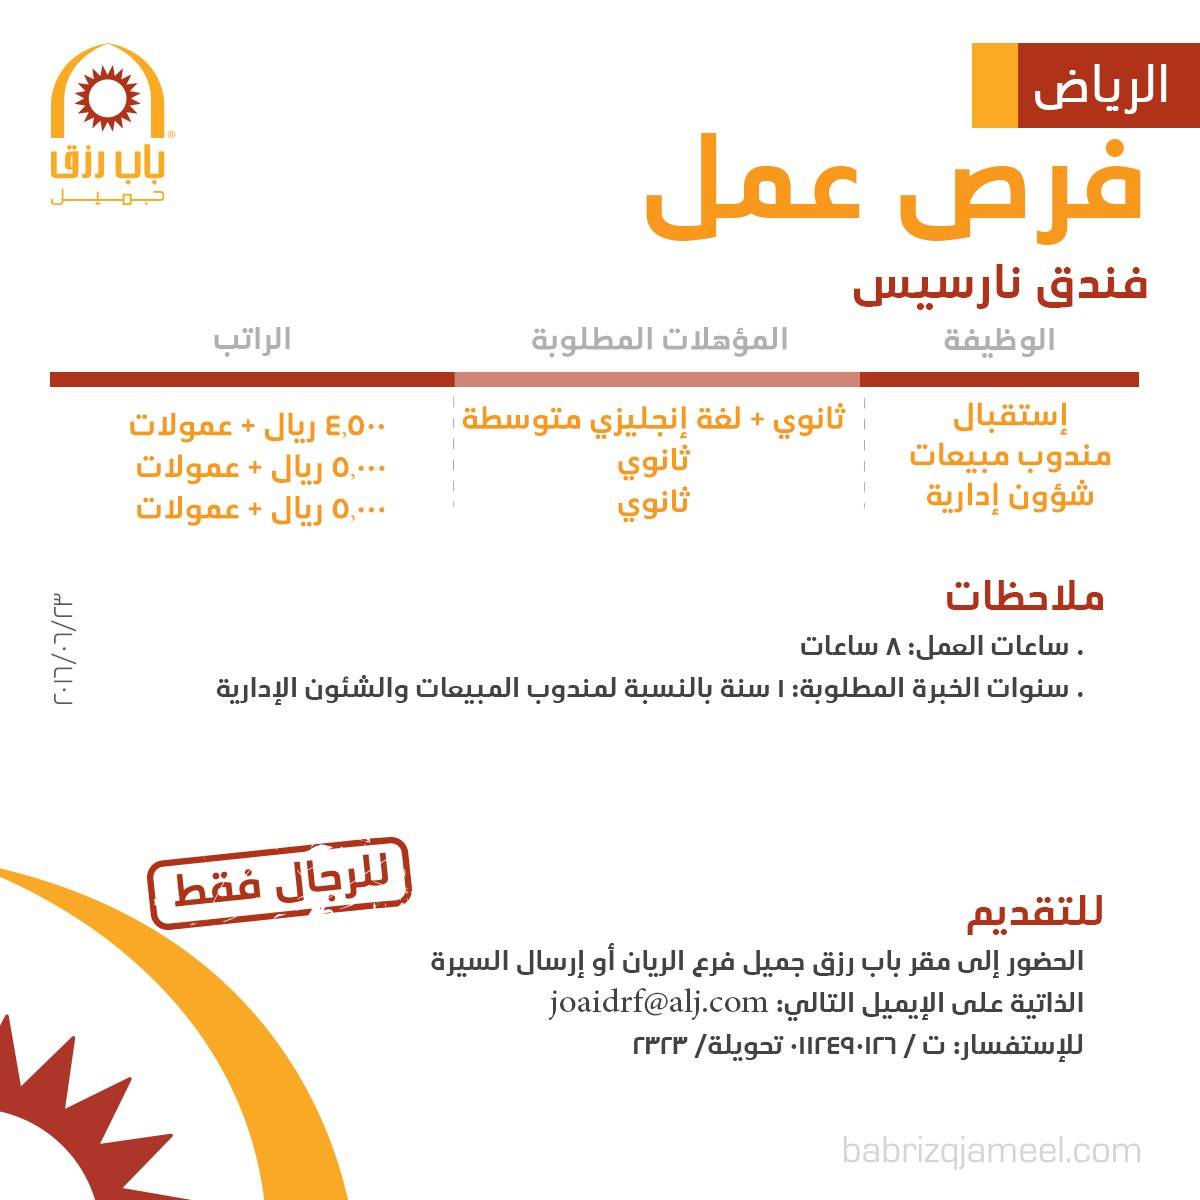 وظائف في فندق نارسيس - الرياض